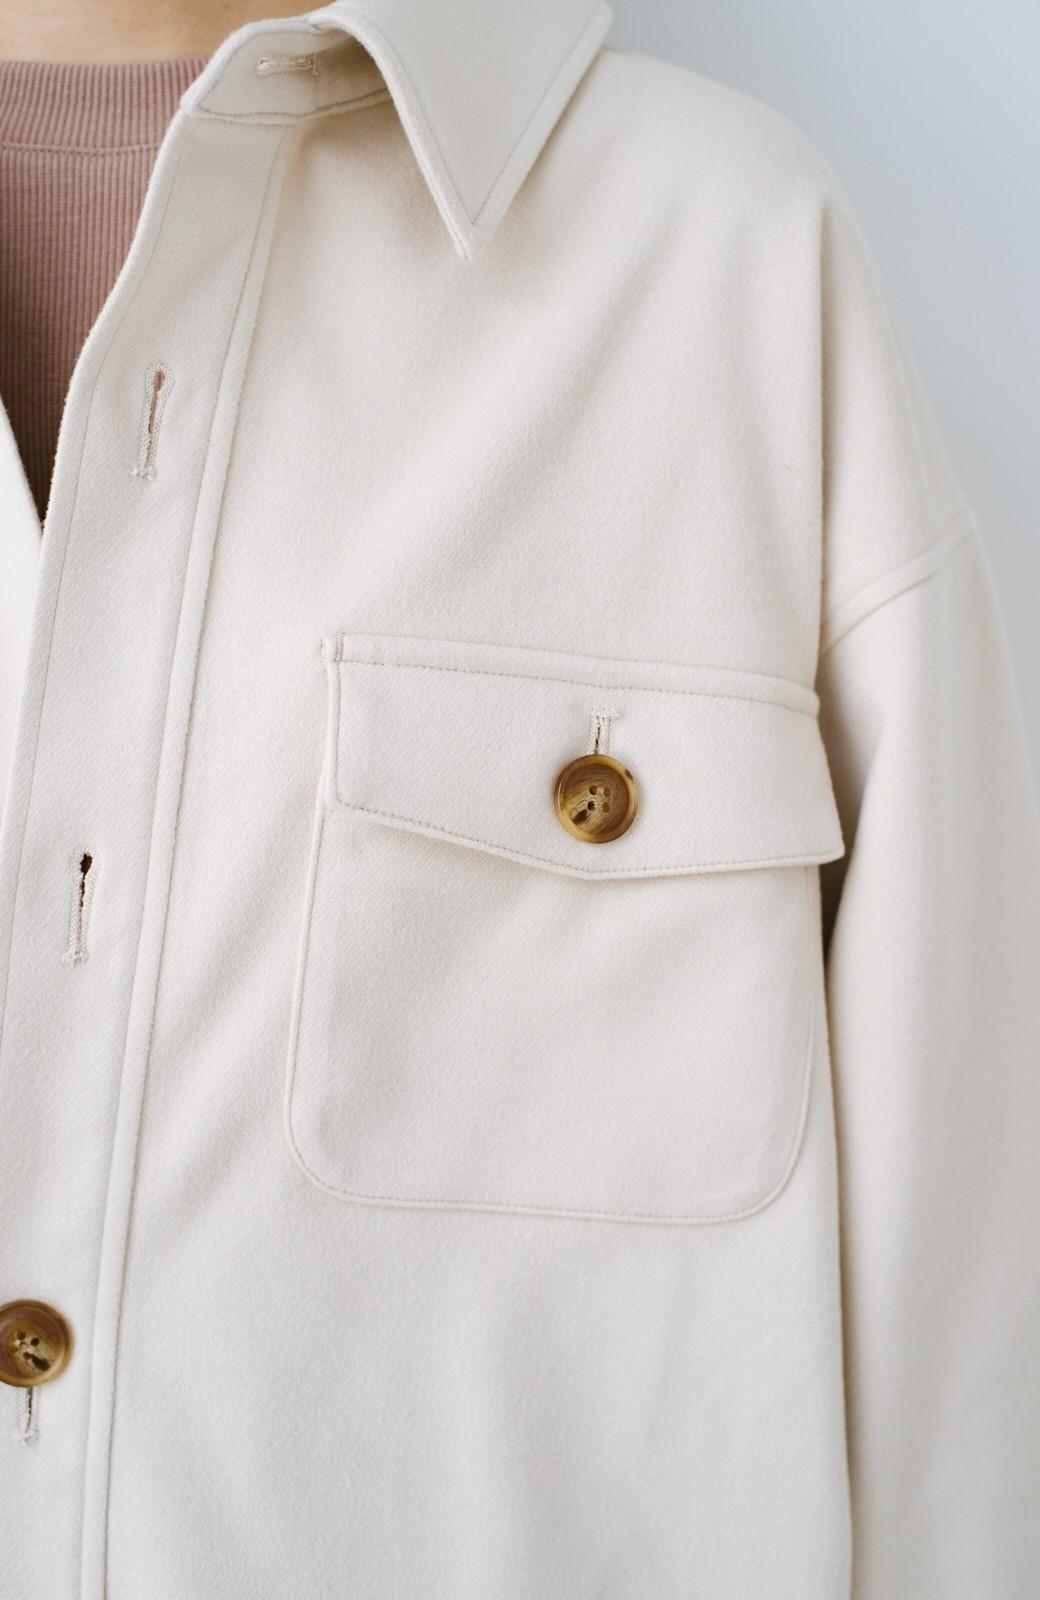 haco! 気軽に羽織って今っぽオシャレに見える ゆるさがかわいいCPOジャケット <アイボリー>の商品写真8